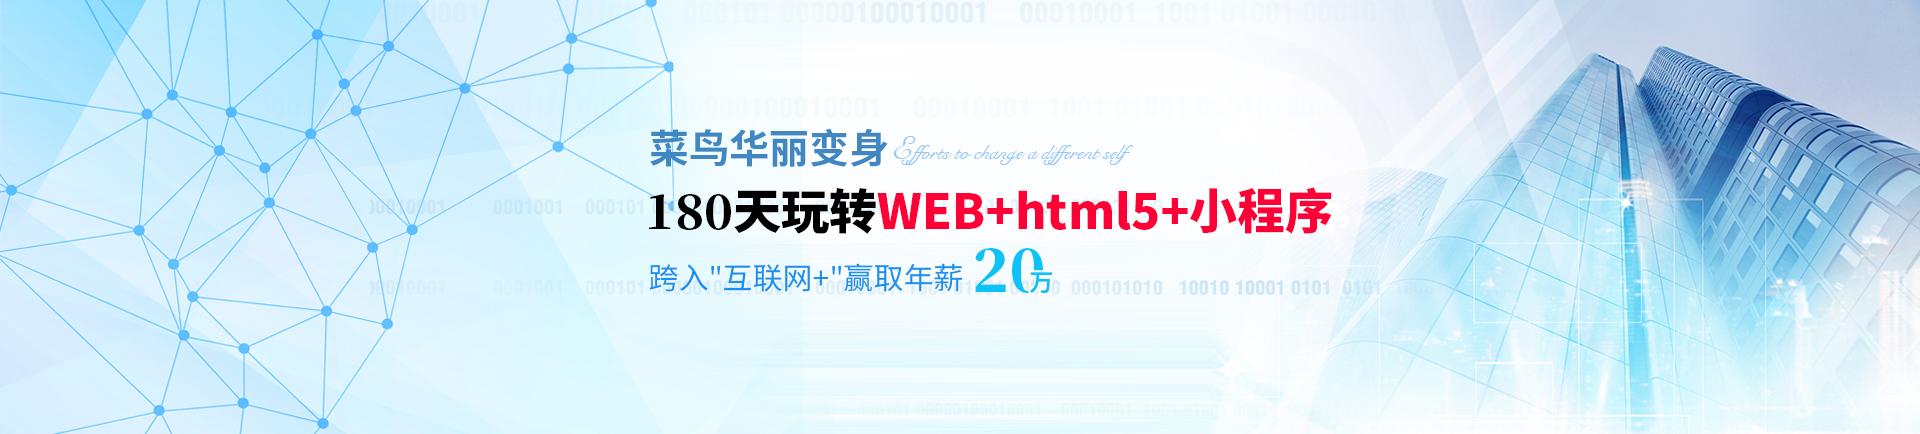 180天玩转WEB+html5+�程� 跨入互�网+赢�年薪20万-zhejiang